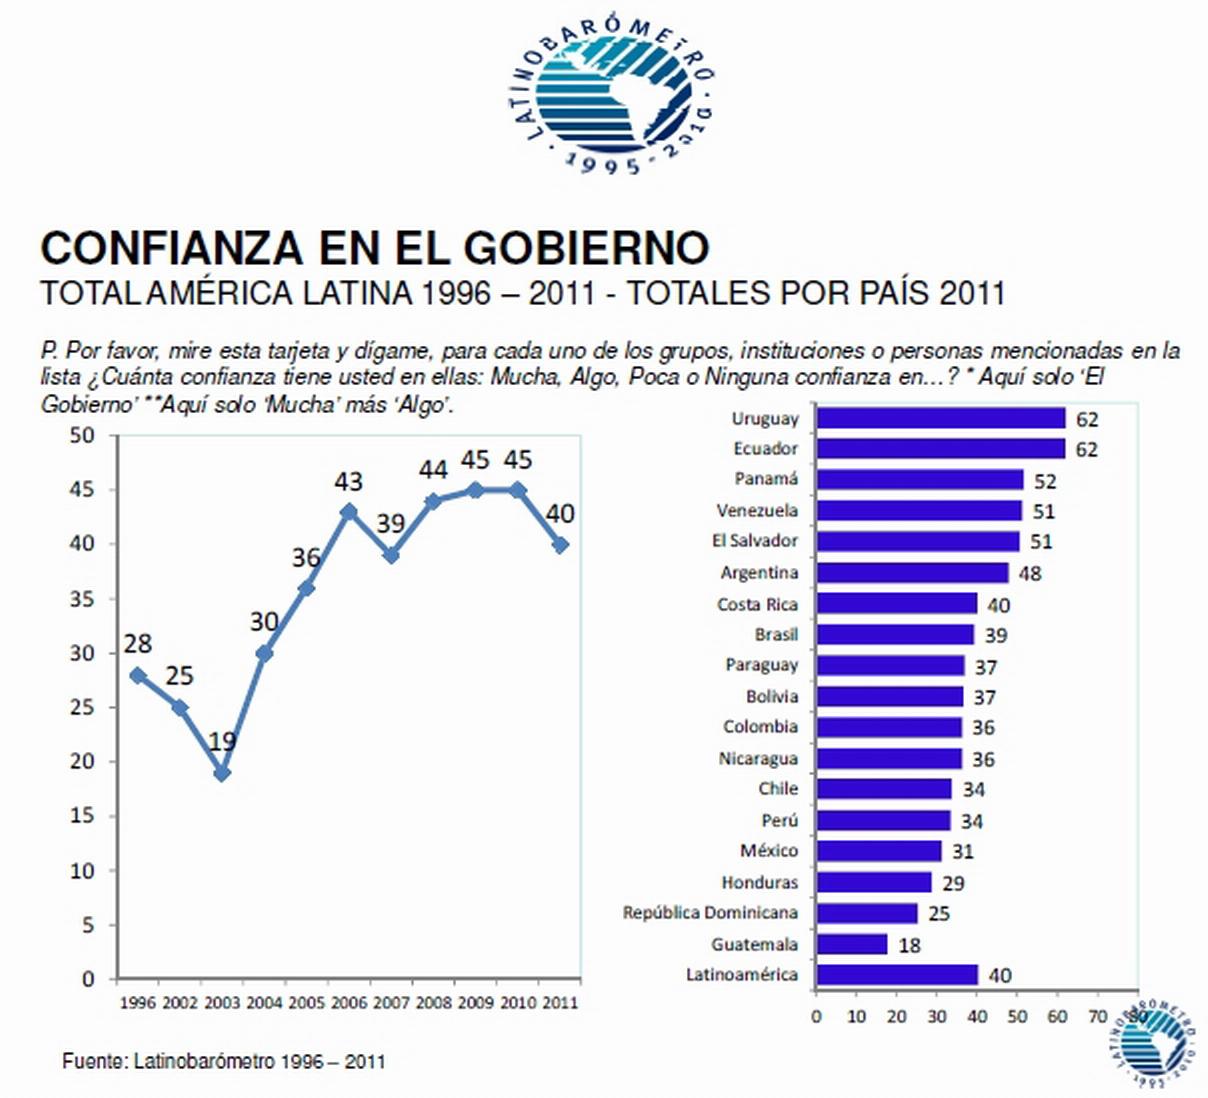 gobierno en la republica dominicana: